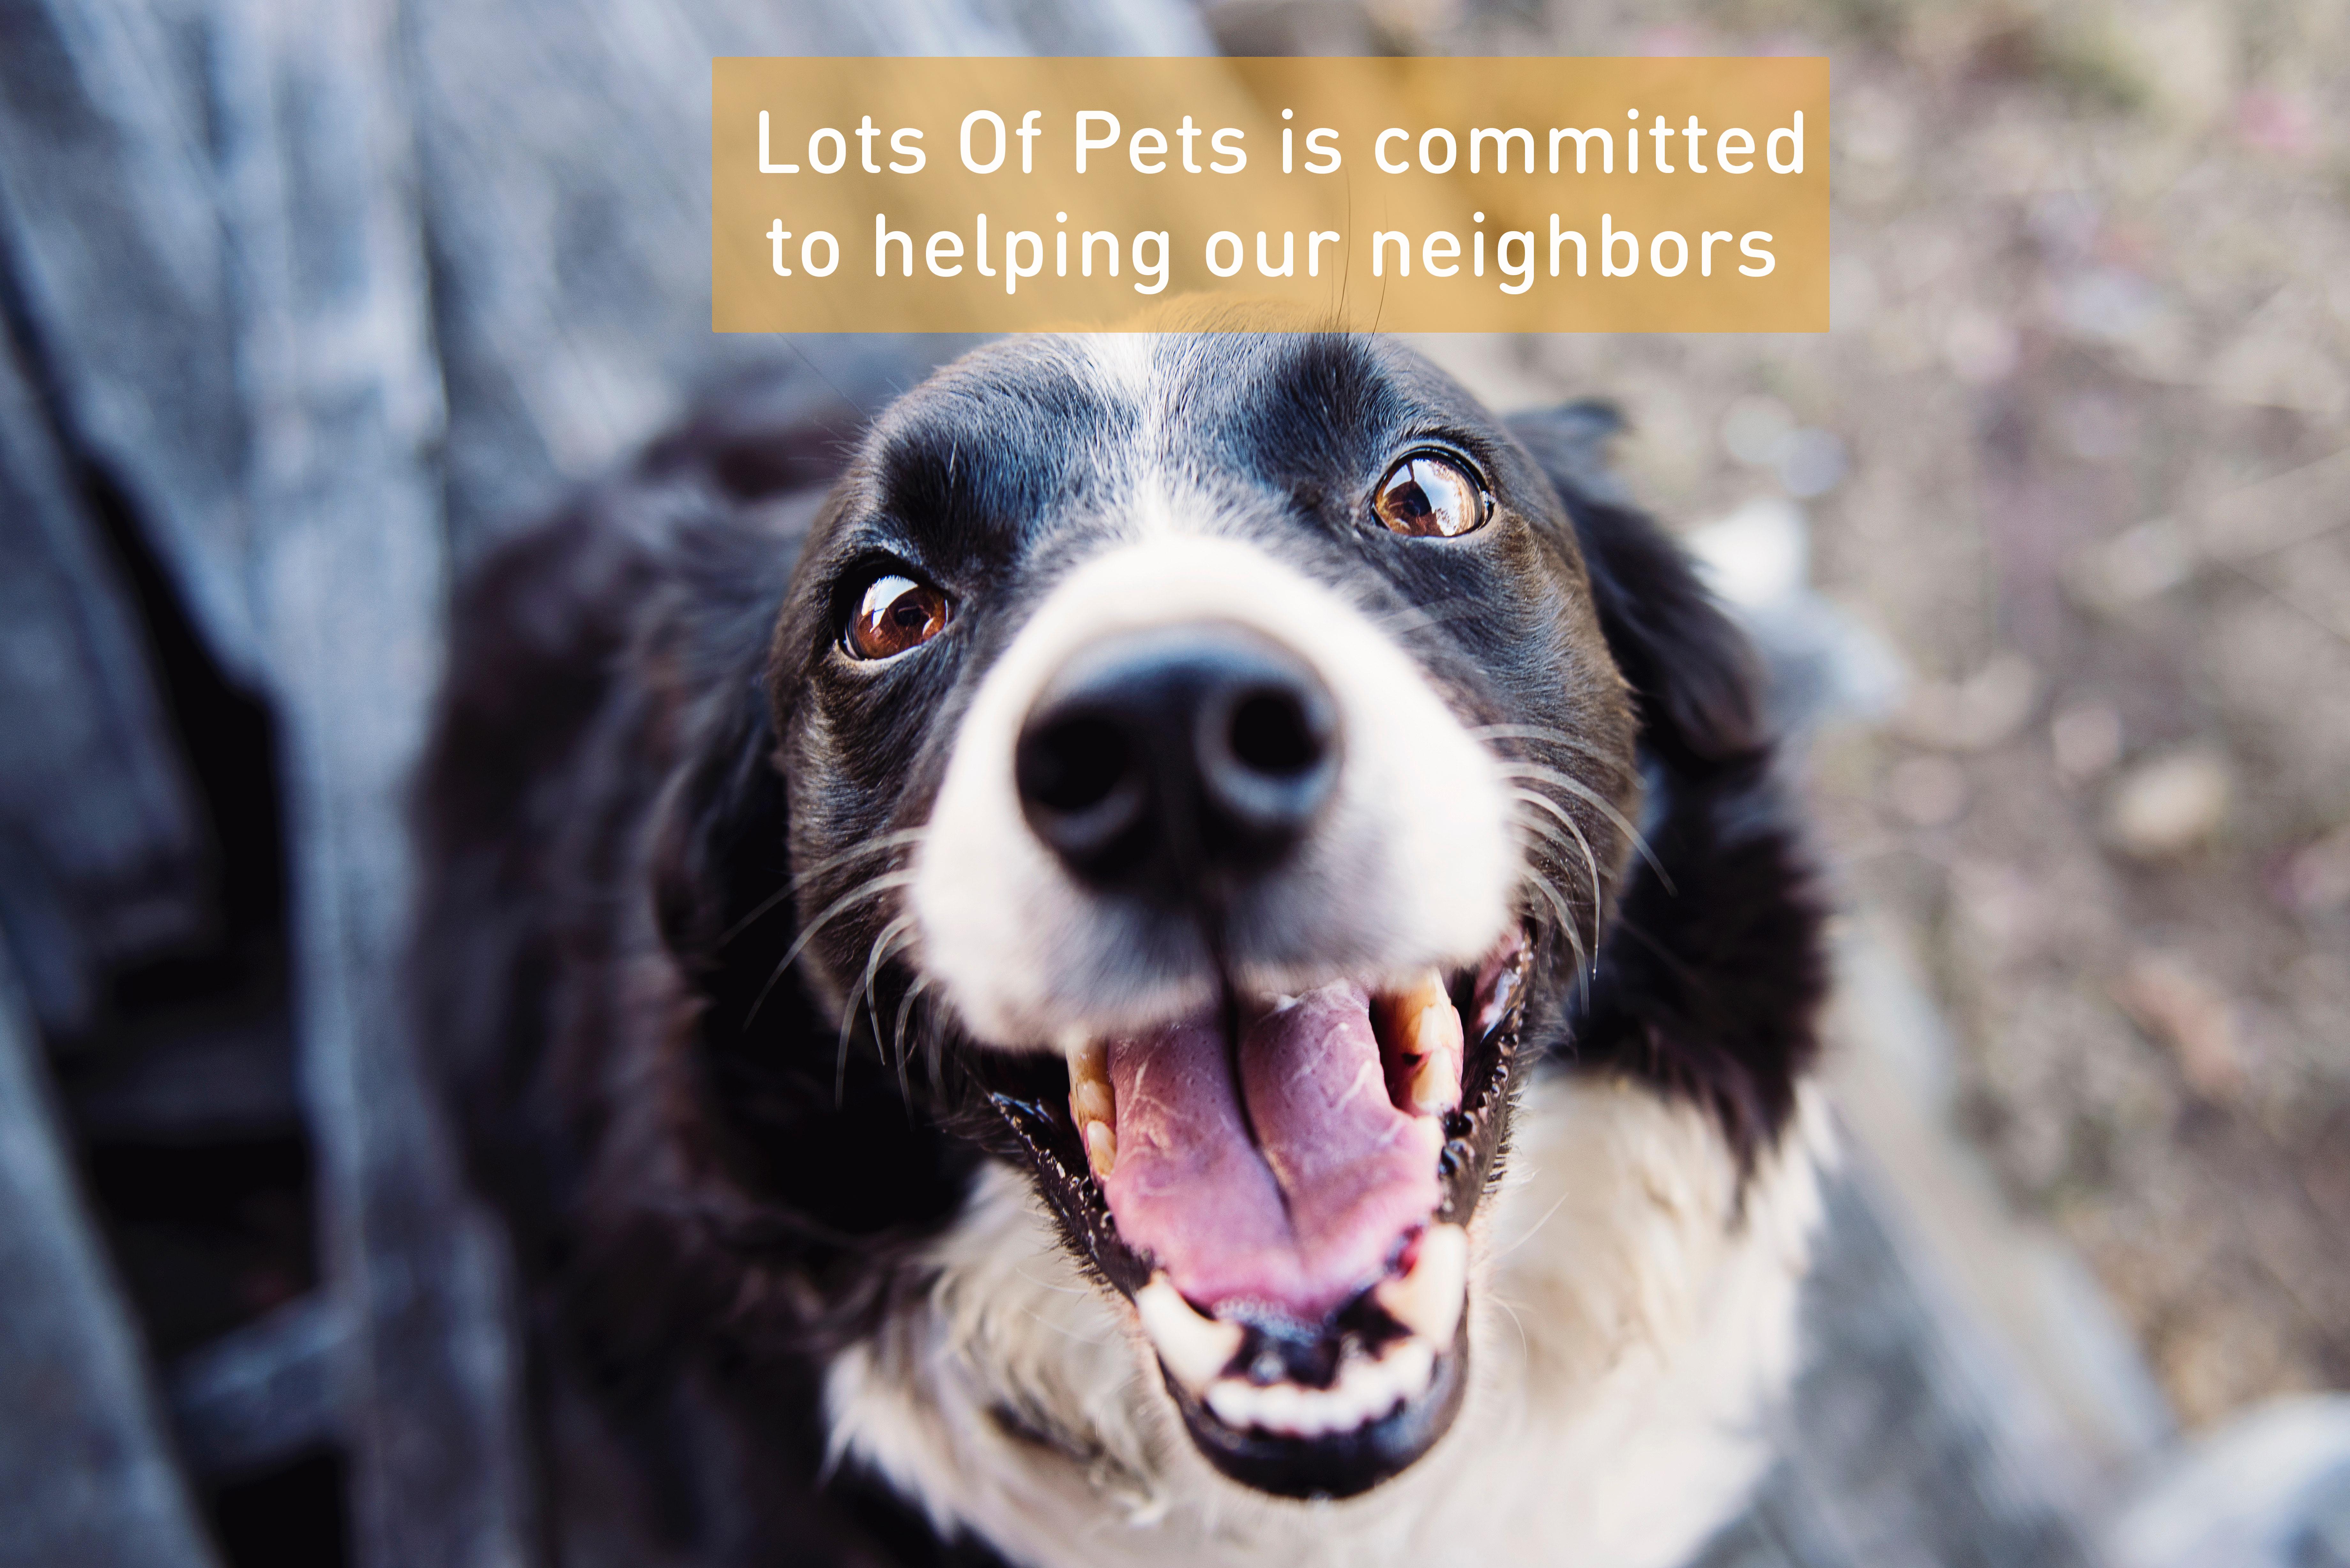 help neighbors